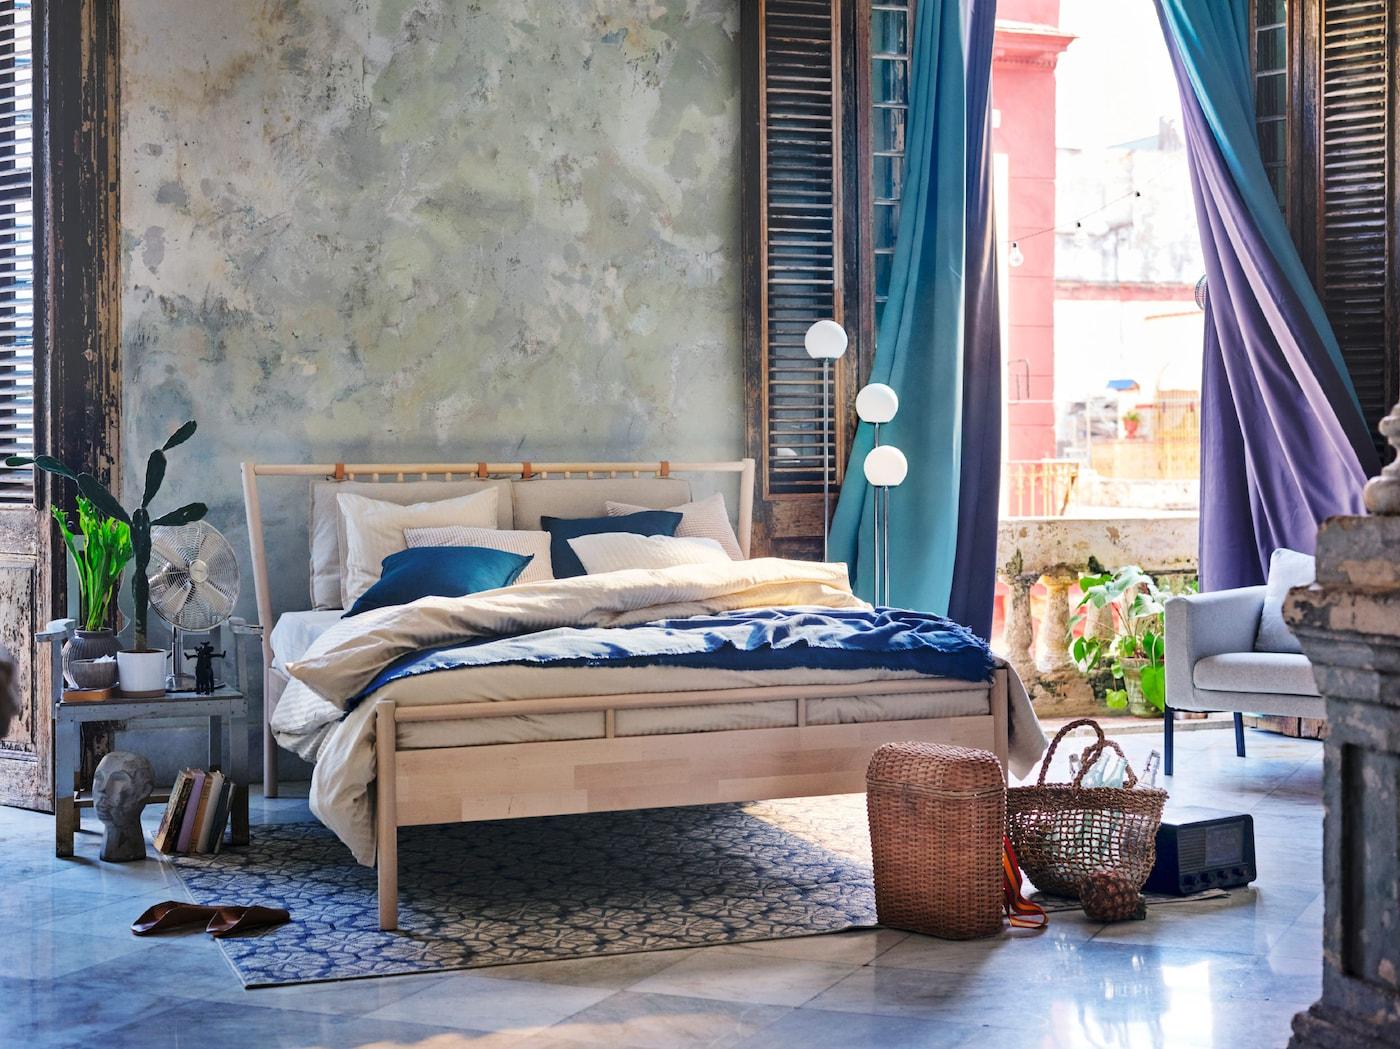 Une chambre aux tons bleu-gris, avec des rideaux opaques turquoise et violets, qui flottent dans le vent.